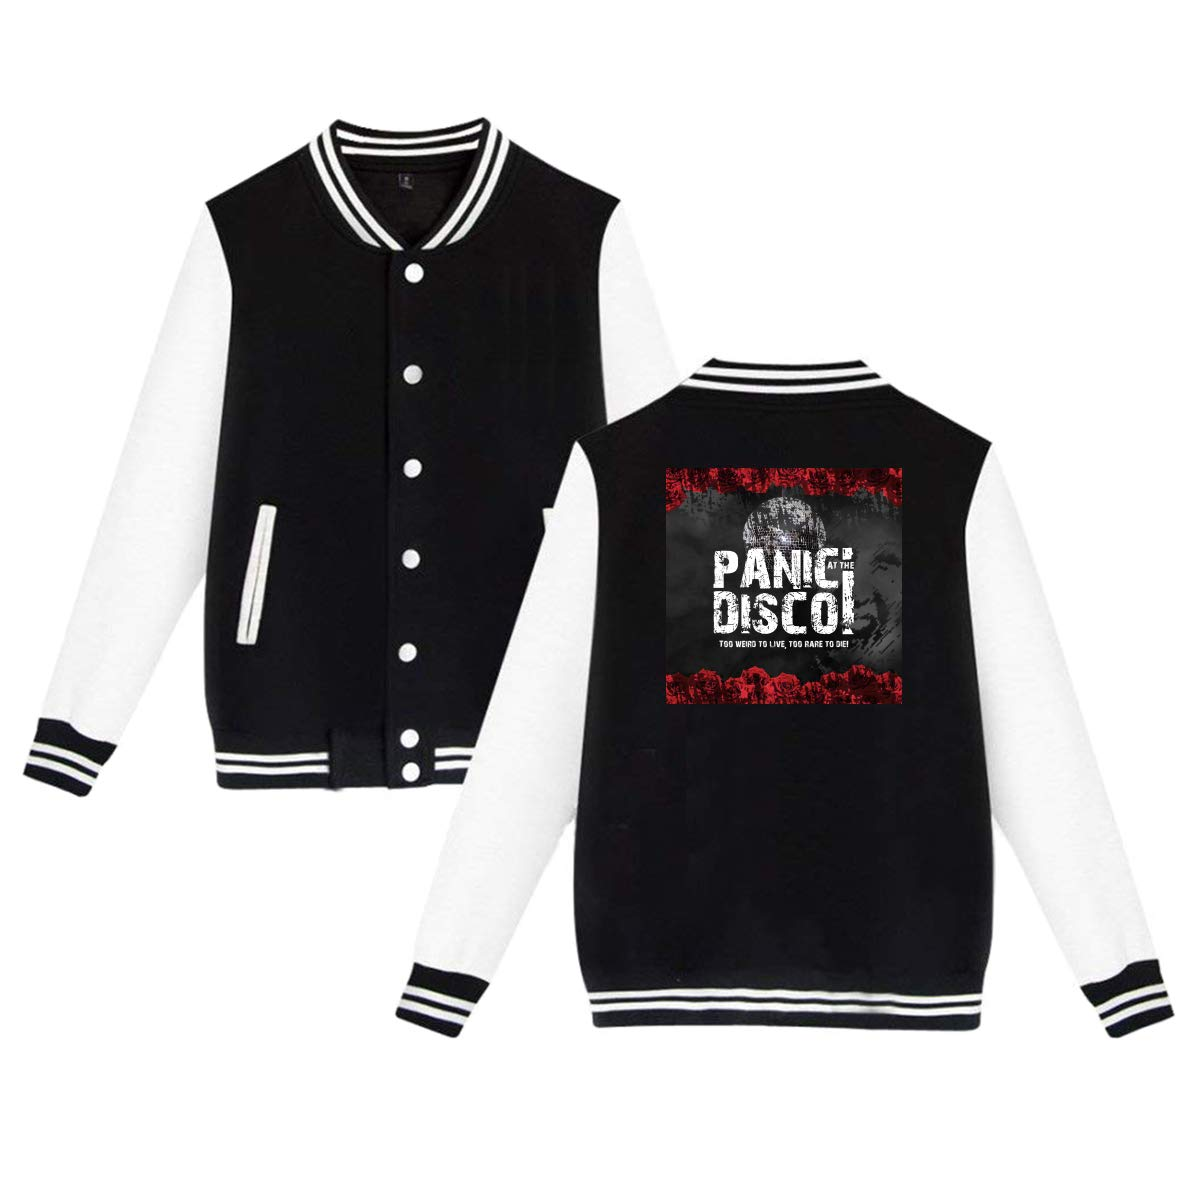 Rmoye Panic at The Disco Unisex Baseball Uniform Jacket Sweater Coat Sweatshirt